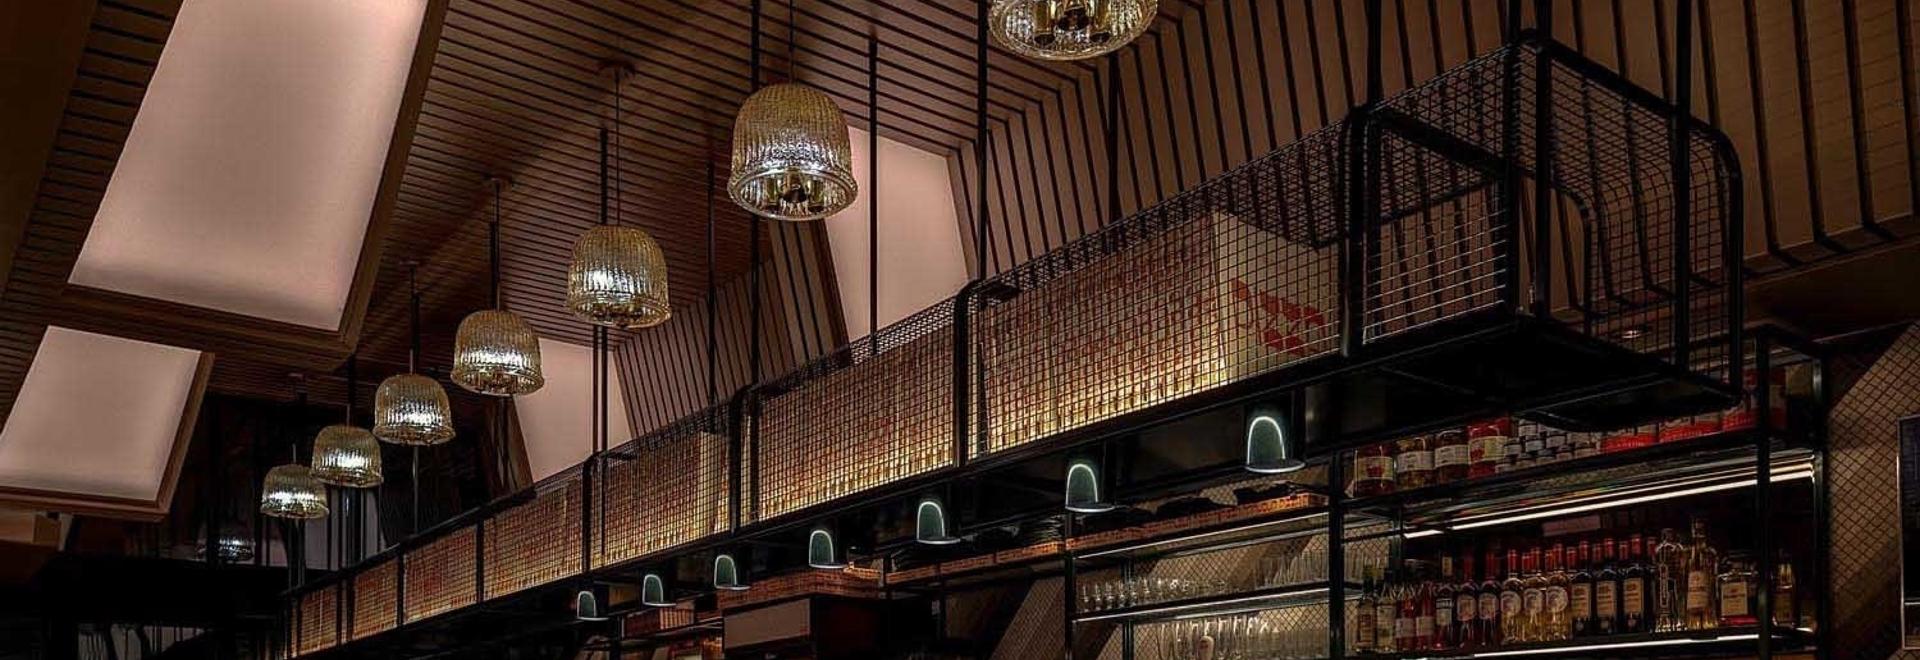 Il modello di piastrelle diagonale trovato in tutto questo ristorante è una caratteristica di design notevole